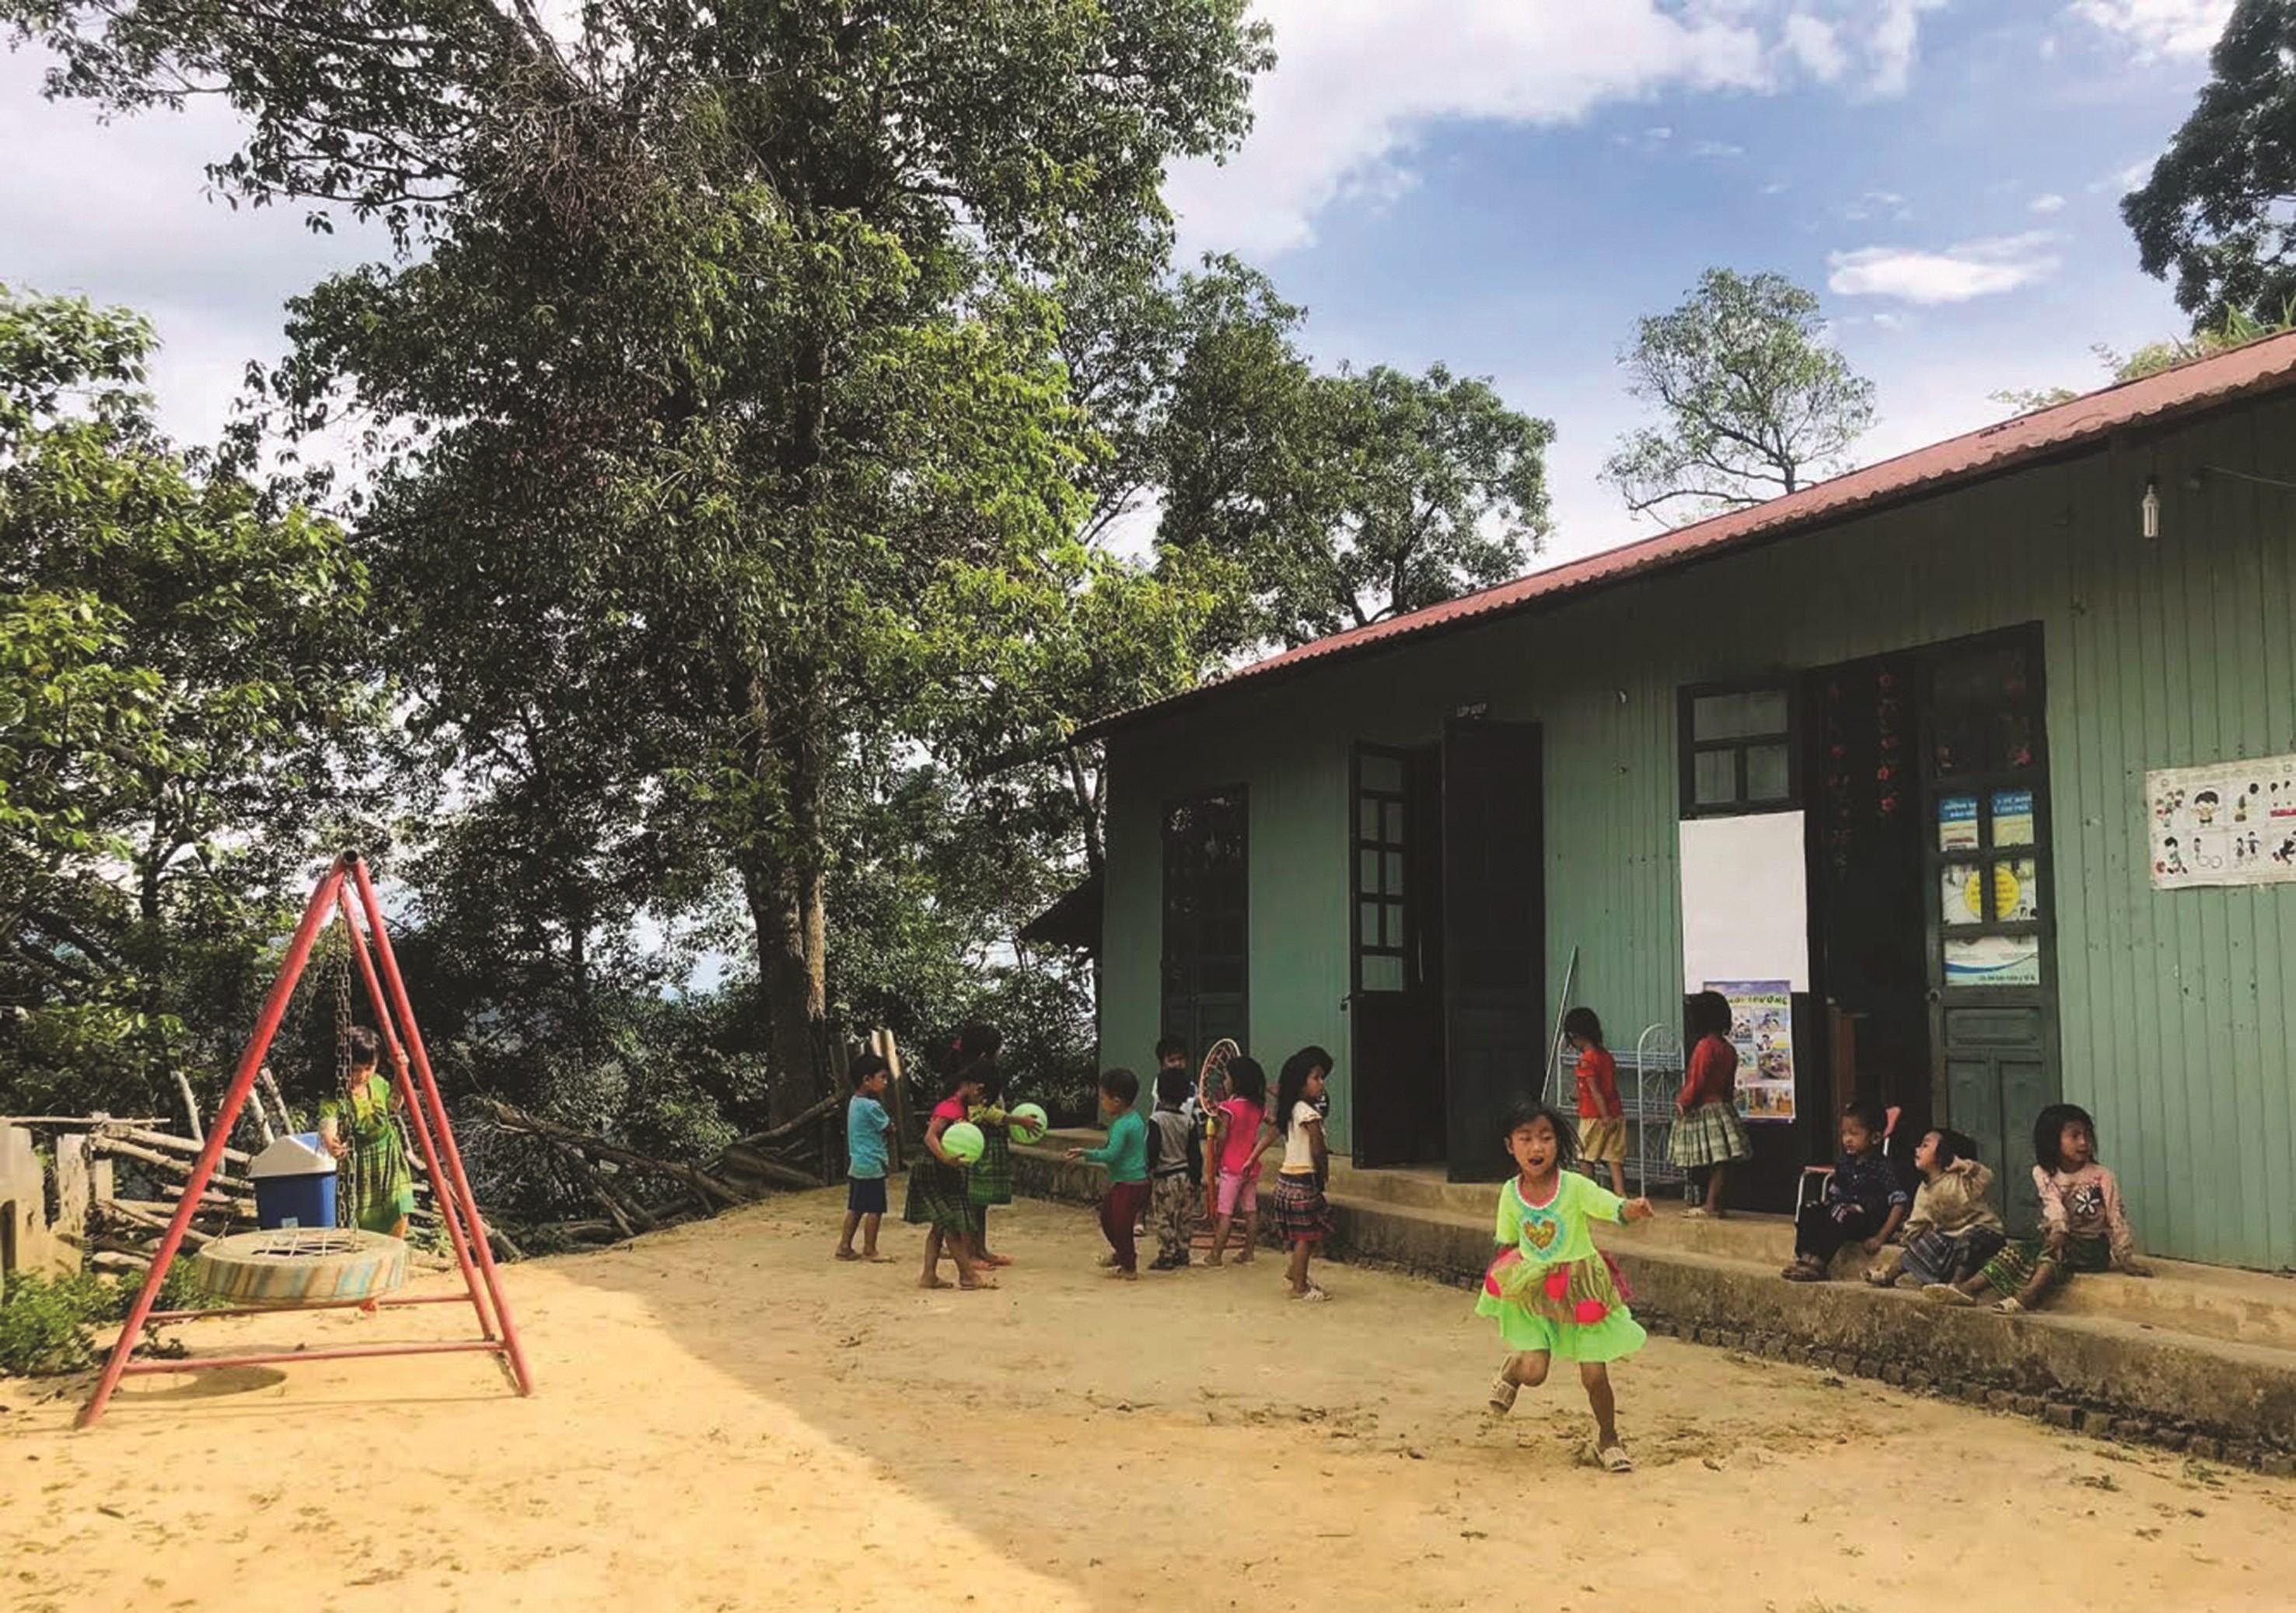 Các em học sinh vui chơi tại điểm trường mầm non Cu Vai